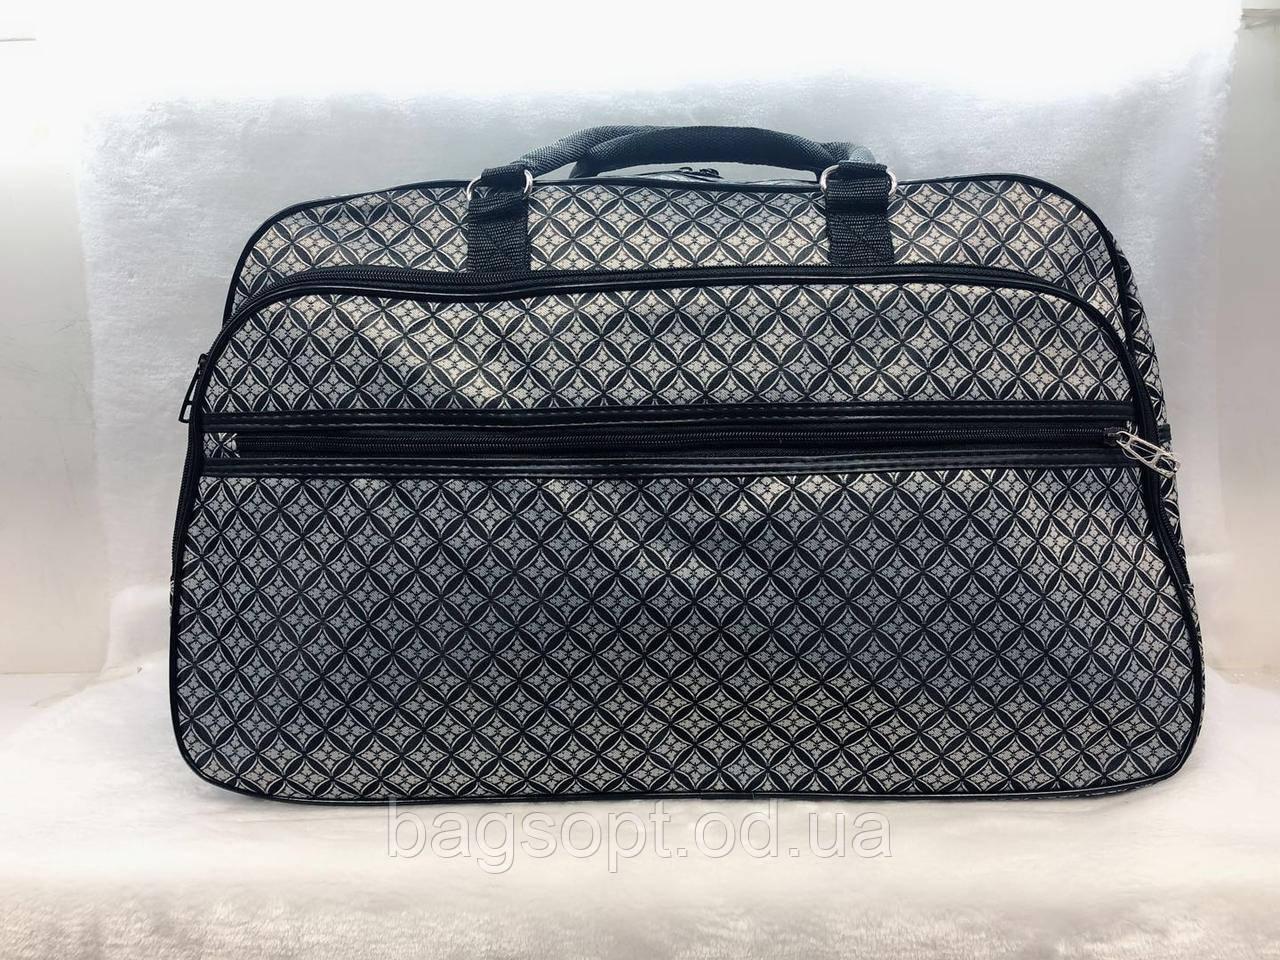 Дорожная женская сумка-саквояж текстильная вместительная для путешествий